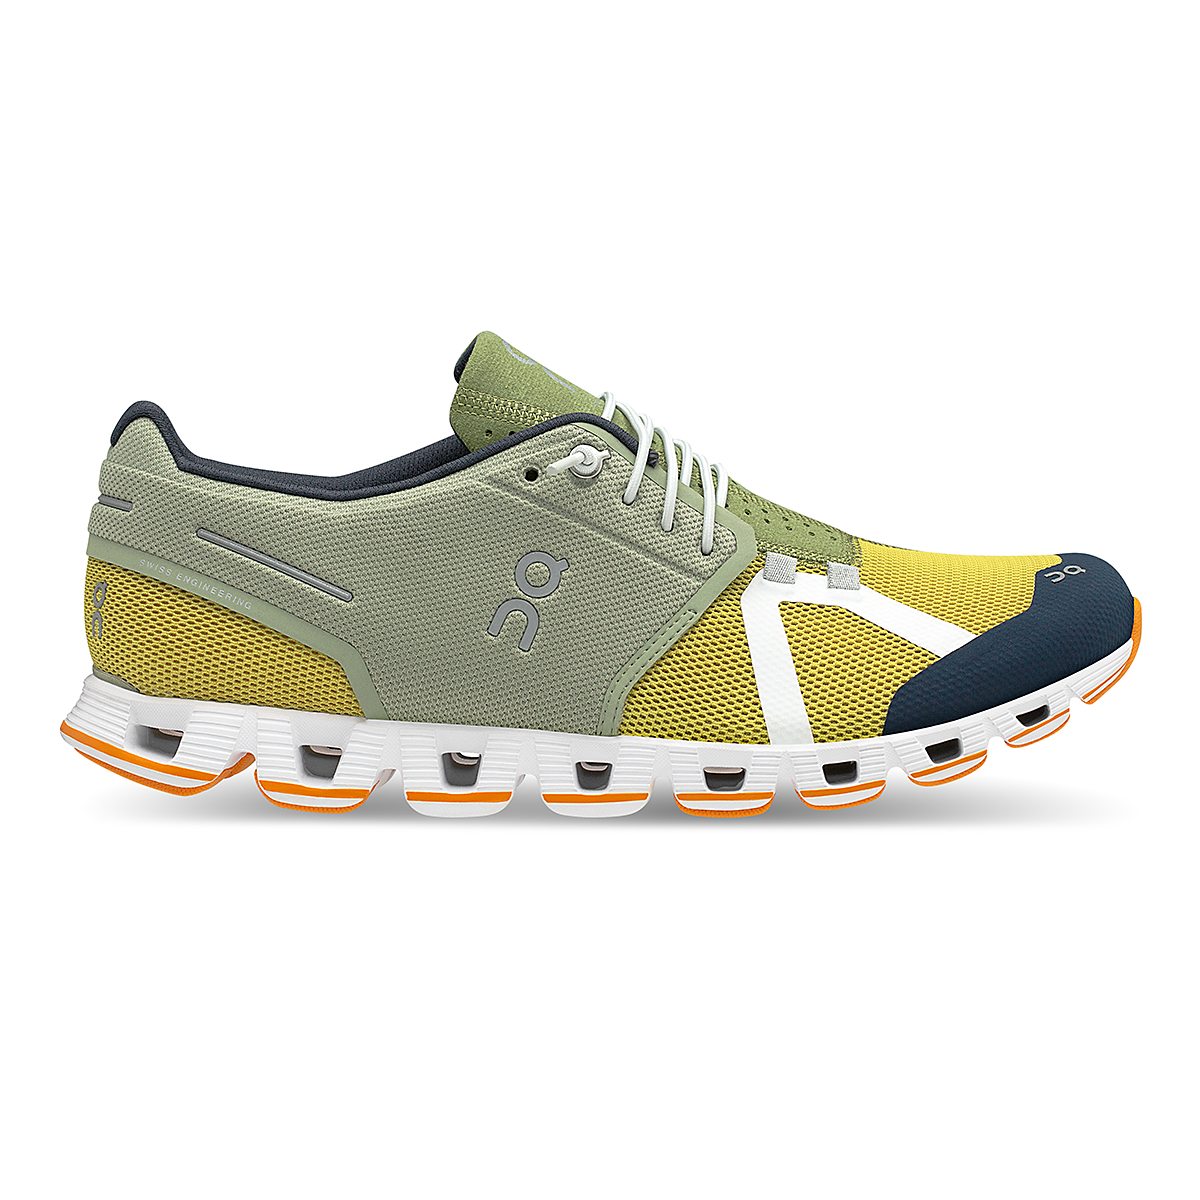 Men's On Cloud 70/30 Lifestyle Shoe - Color: Leaf/Mustard - Size: 7 - Width: Regular, Leaf/Mustard, large, image 1